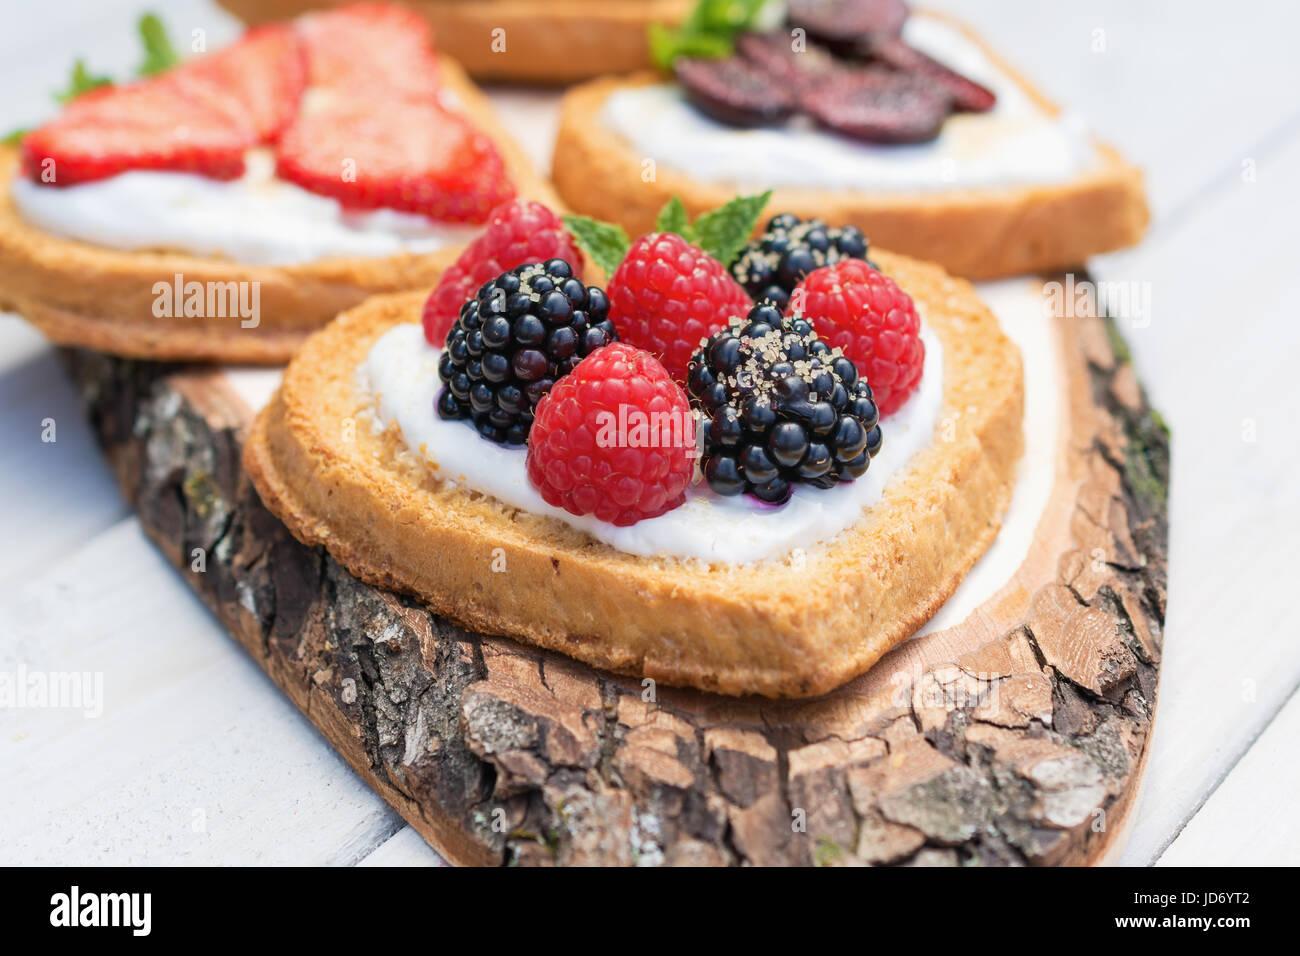 Herzförmige Kekse verteilt mit Quark, Erdbeeren, Brombeeren, Himbeeren, Kirschen und einem Zweig Minze präsentiert Stockbild